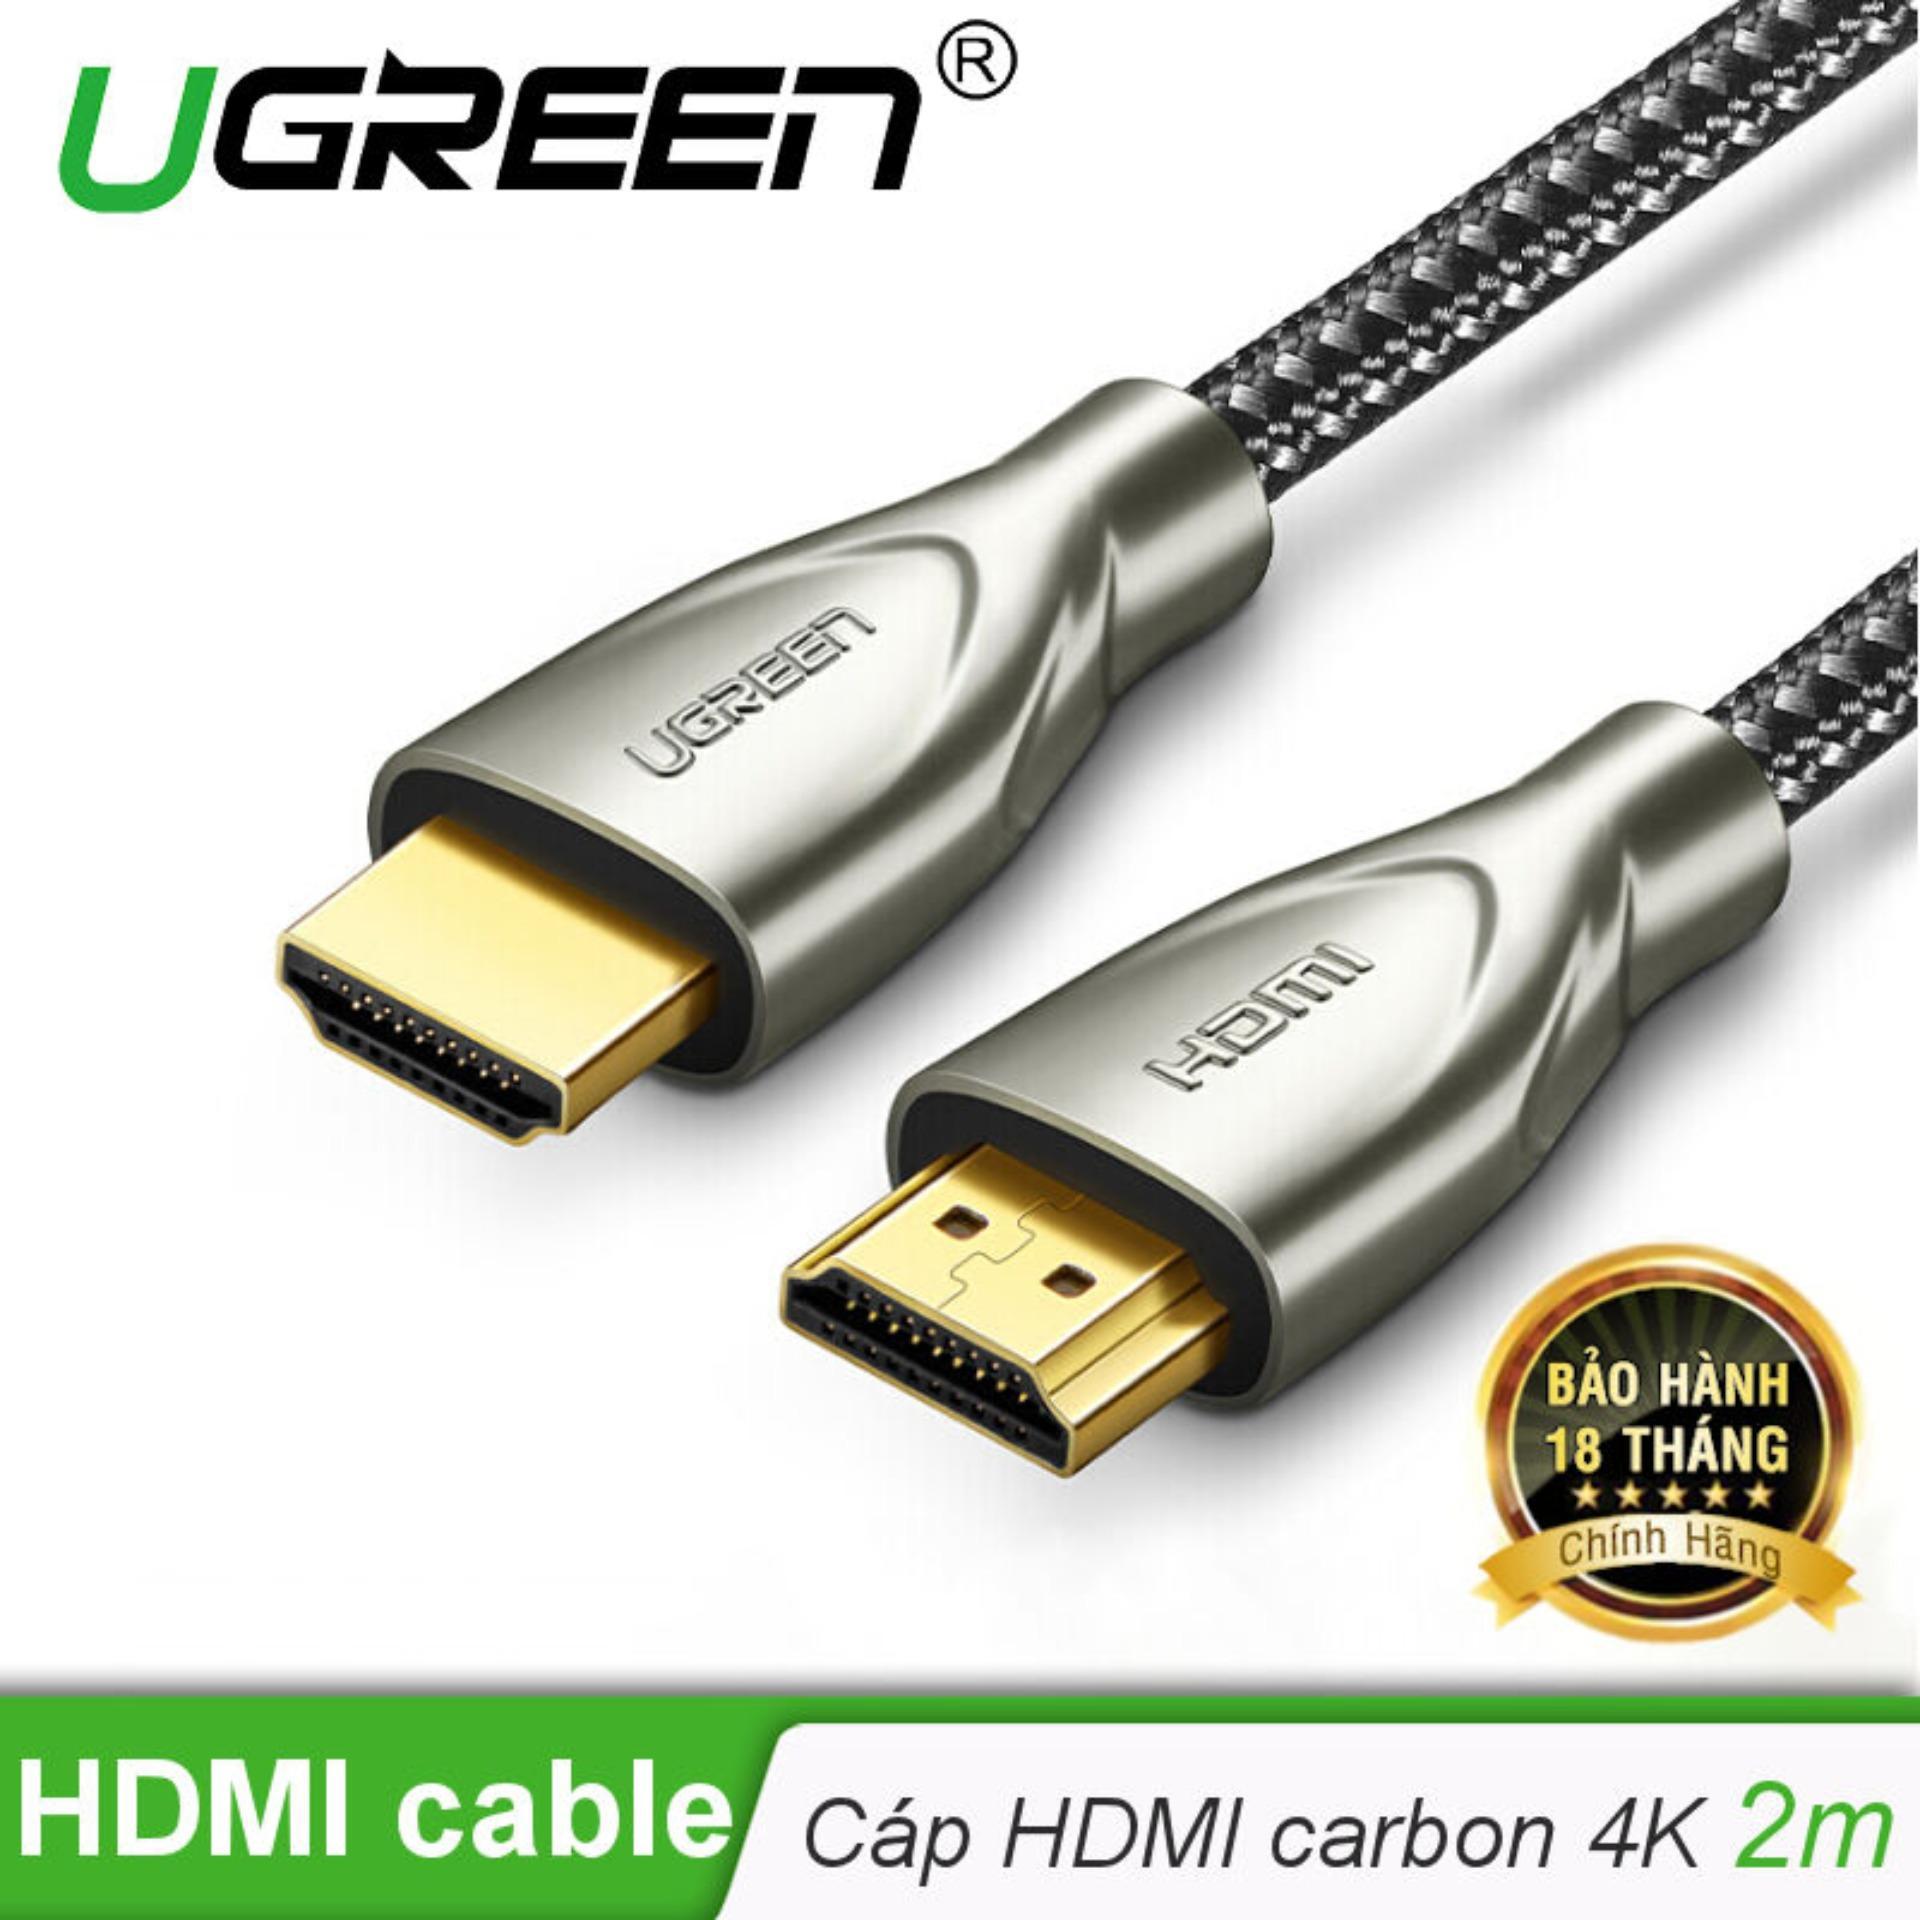 Cáp HDMI 2.0 Carbon chuẩn 4K@60MHz  mạ vàng cao cấp dài 2m UGREEN HD131 50108 - Hãng phân phối chính thức